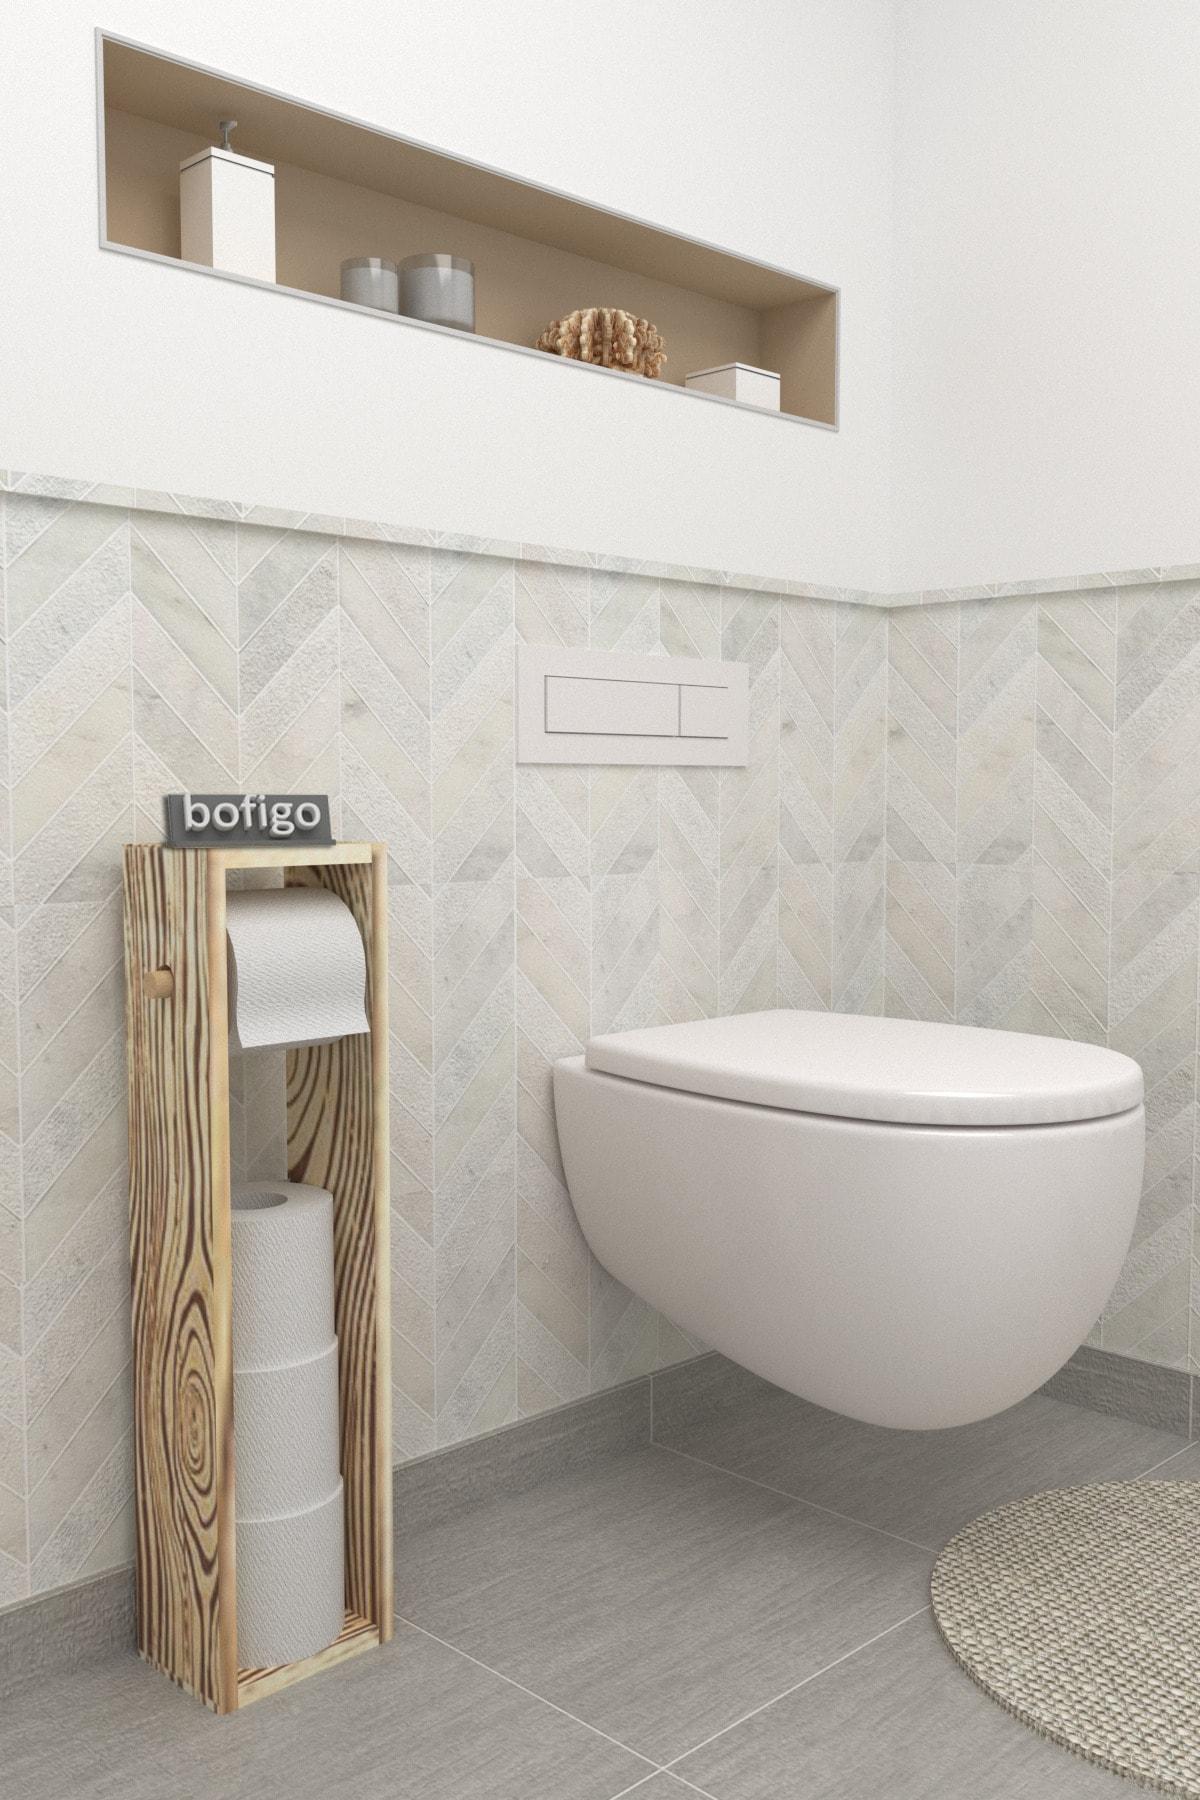 Tuvalet Kağıtlığı Wc Kağıtlığı Ahşap Tuvalet Kağıtlık